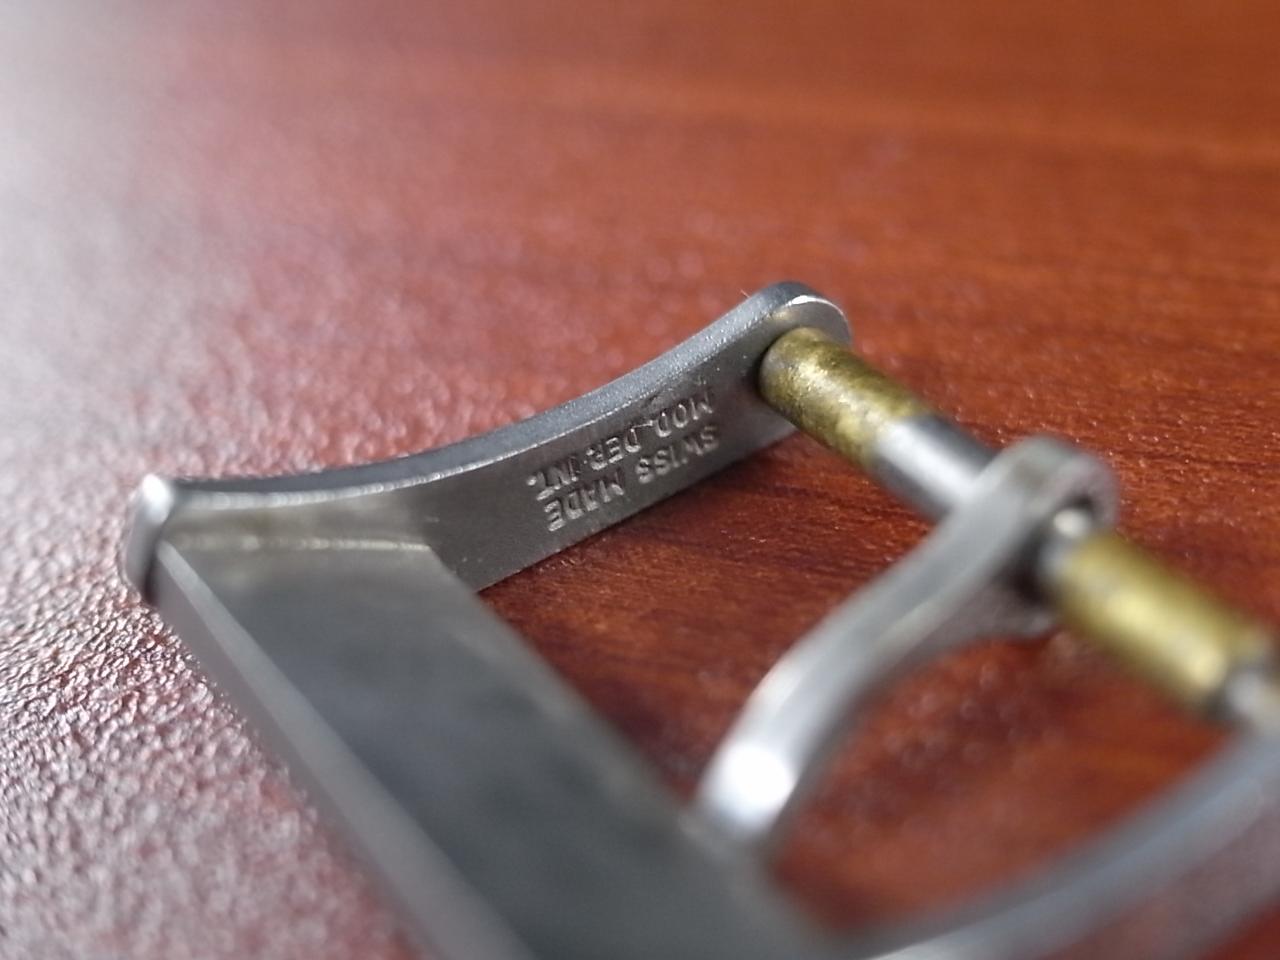 ジュベニア アンティーク尾錠 SS 14mm 1960-70年代の写真5枚目